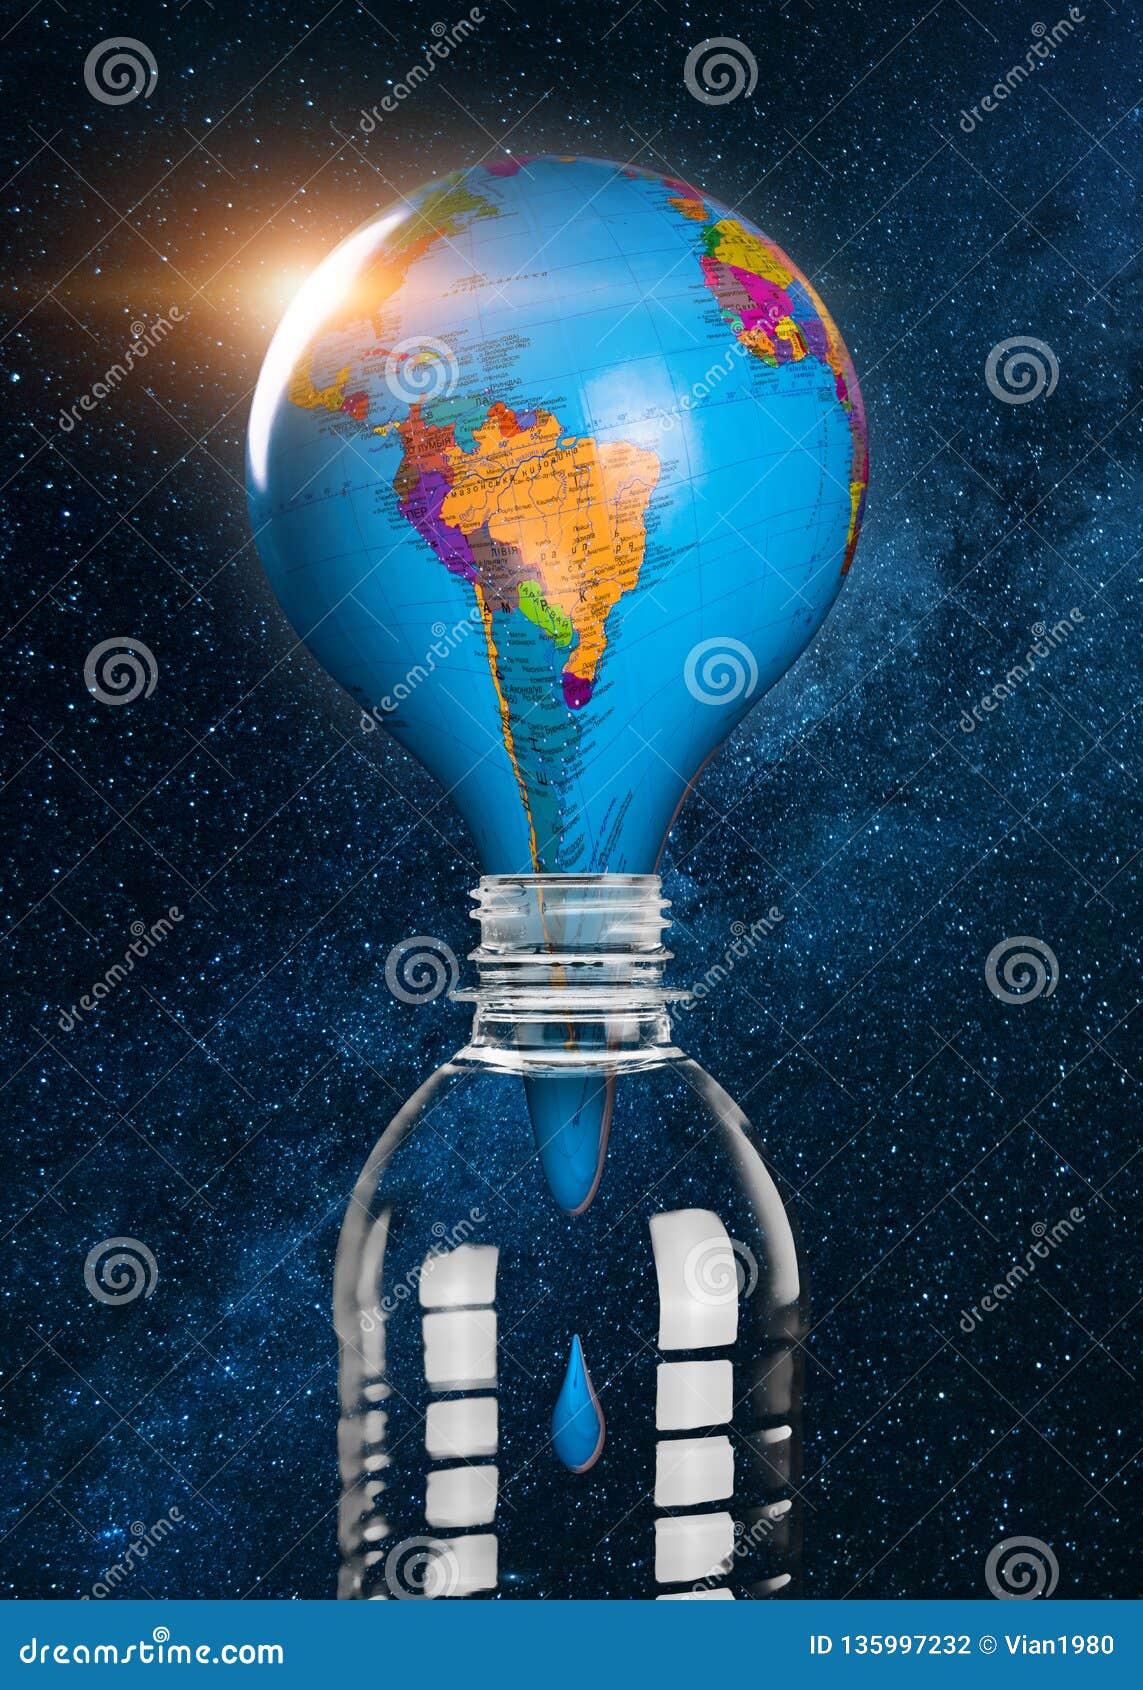 Plastic afval en huisvuil die de Aarde overstromen